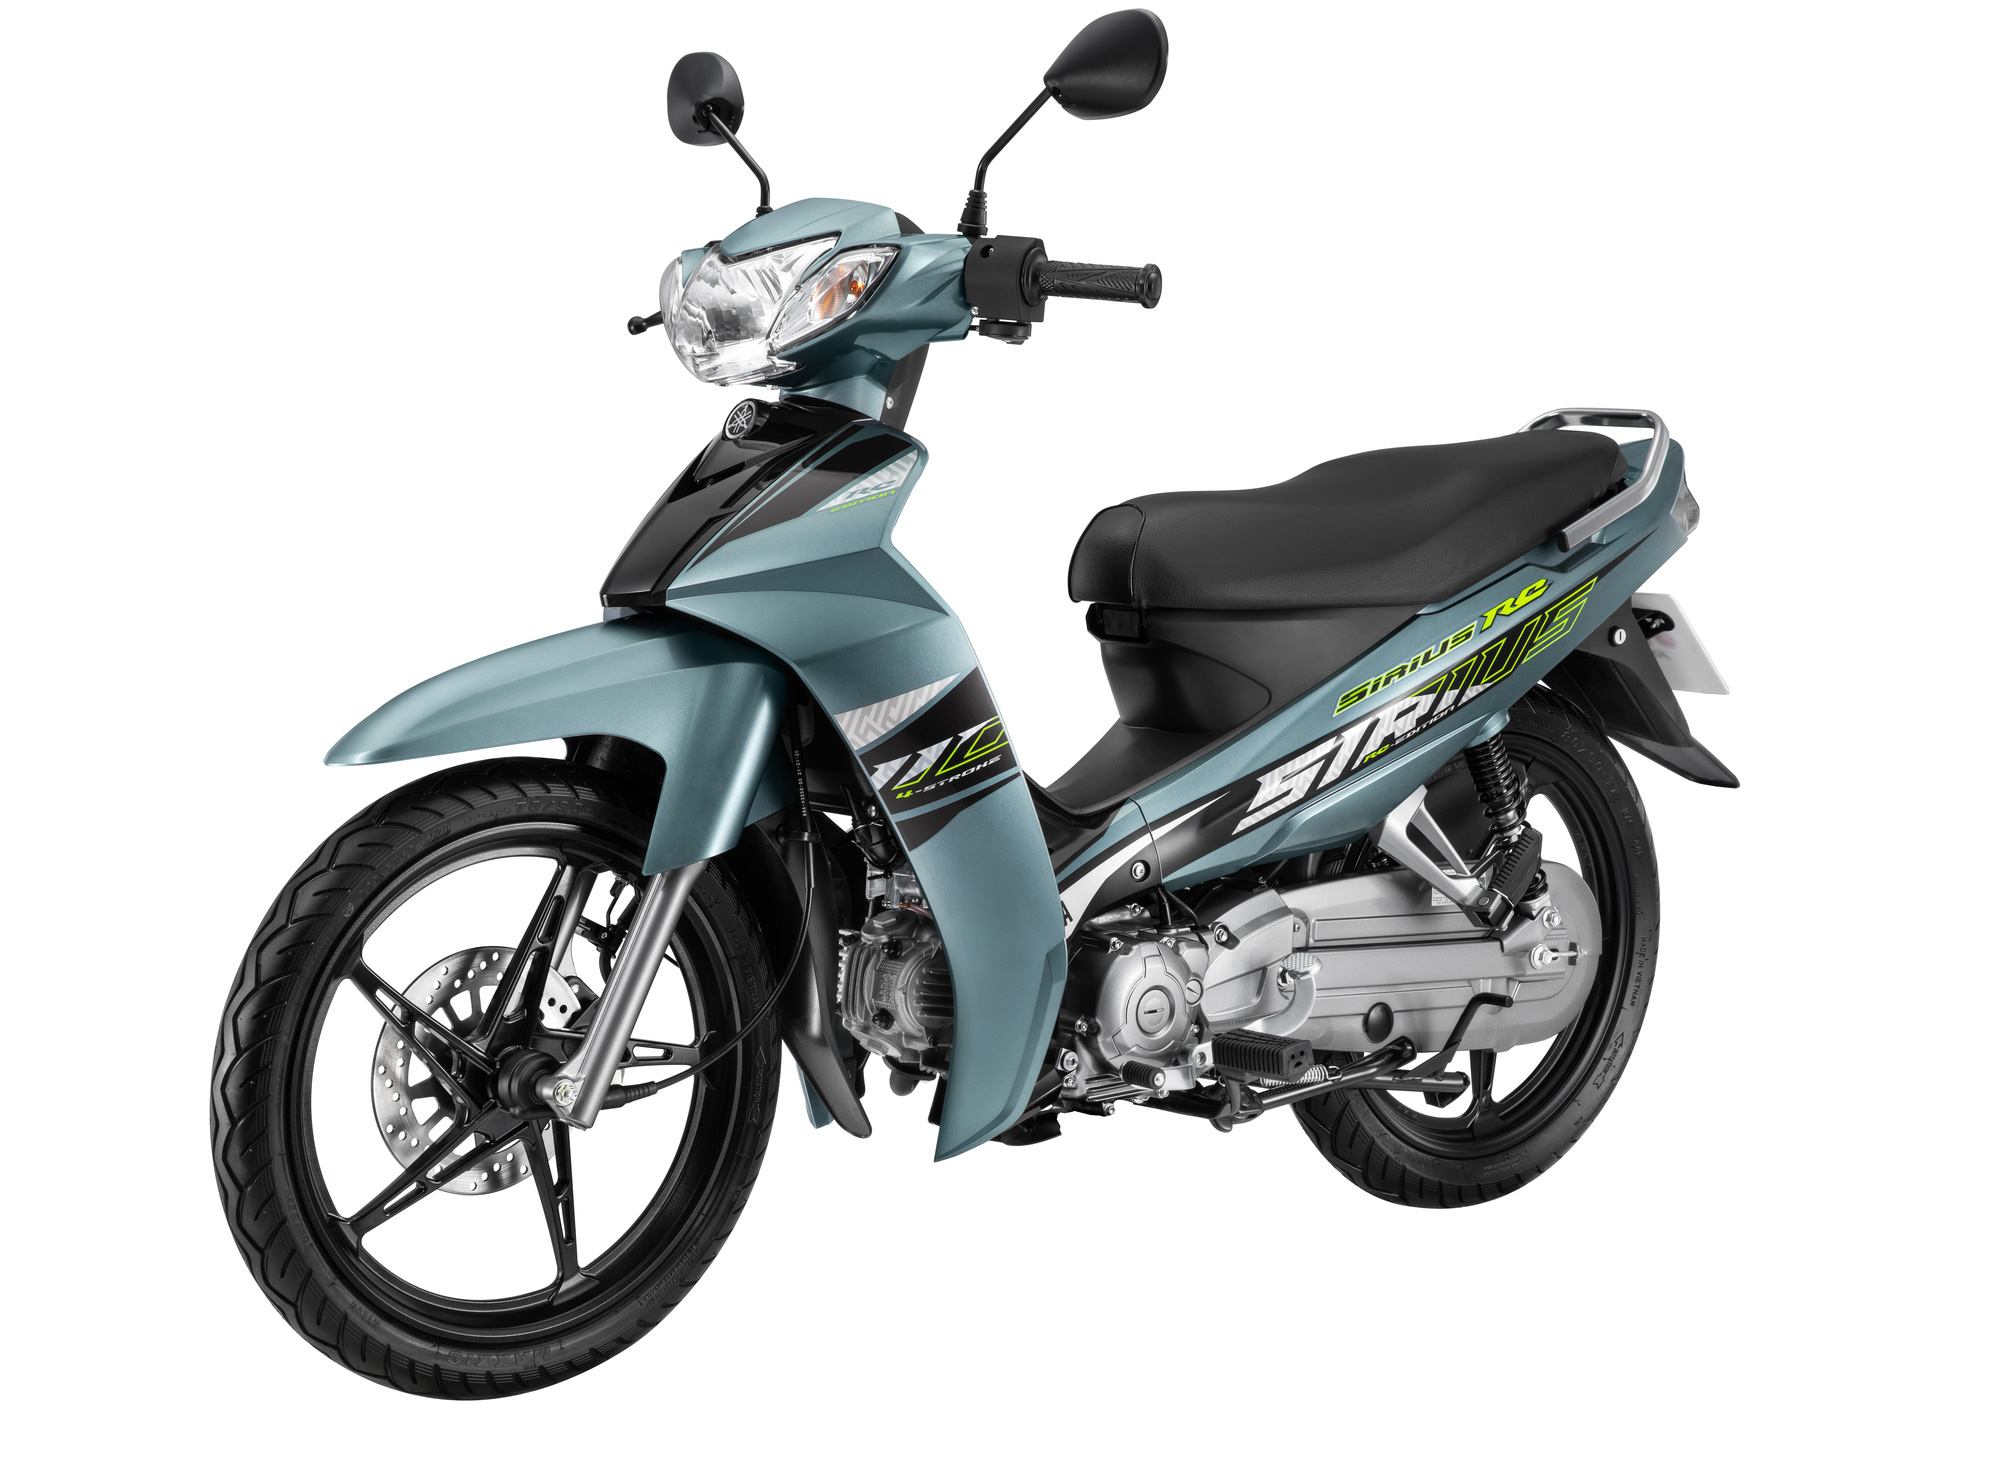 Xăng tăng chóng mặt, dầu nhớt Yamalube Eco mới giúp xe tiết kiệm xăng hơn? - Ảnh 2.